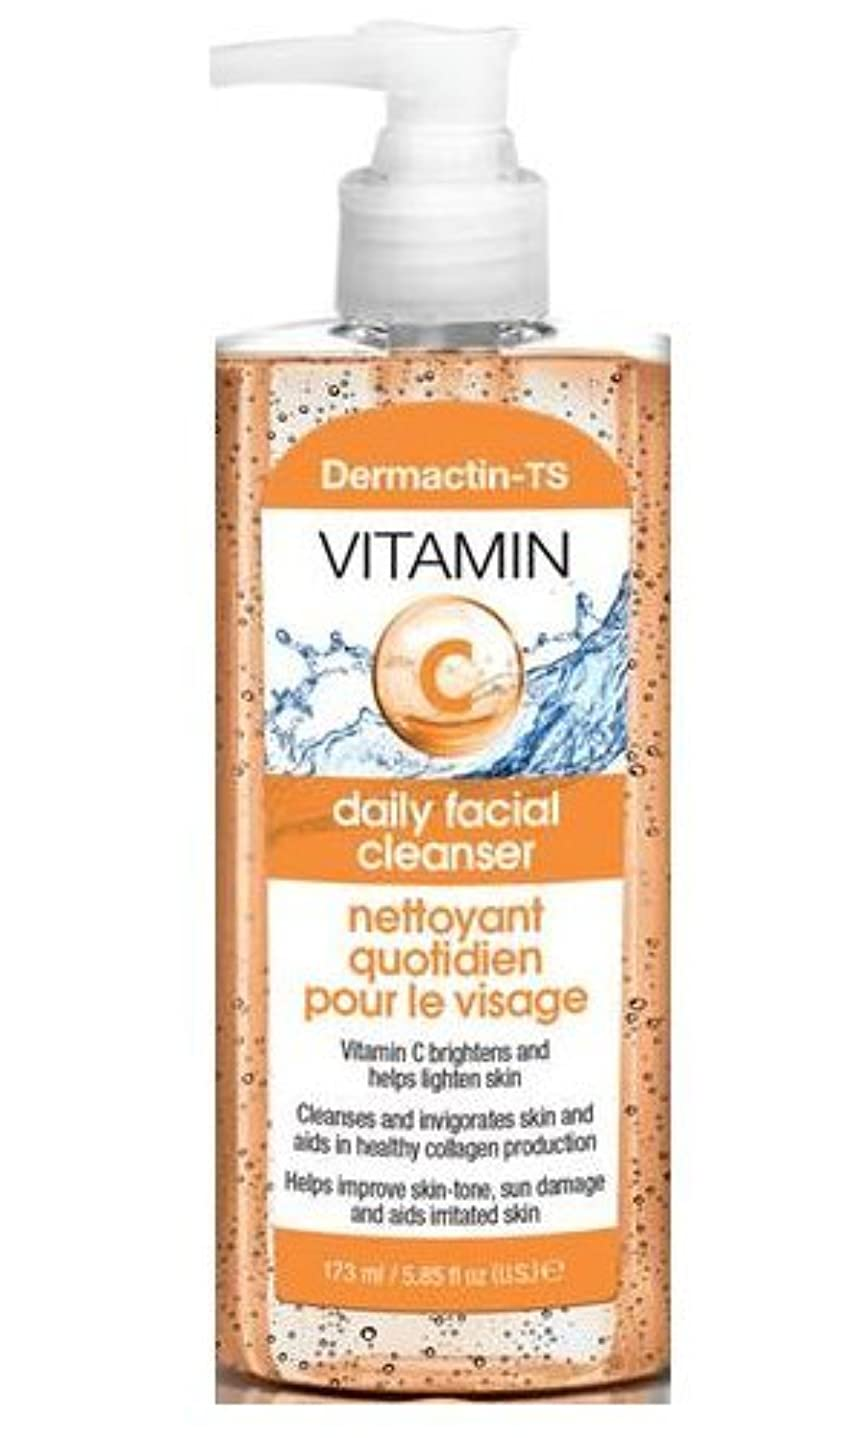 ボンド勘違いするロビーDermactin-TS ビタミンCフェイシャルクレンザー165g (並行輸入品)